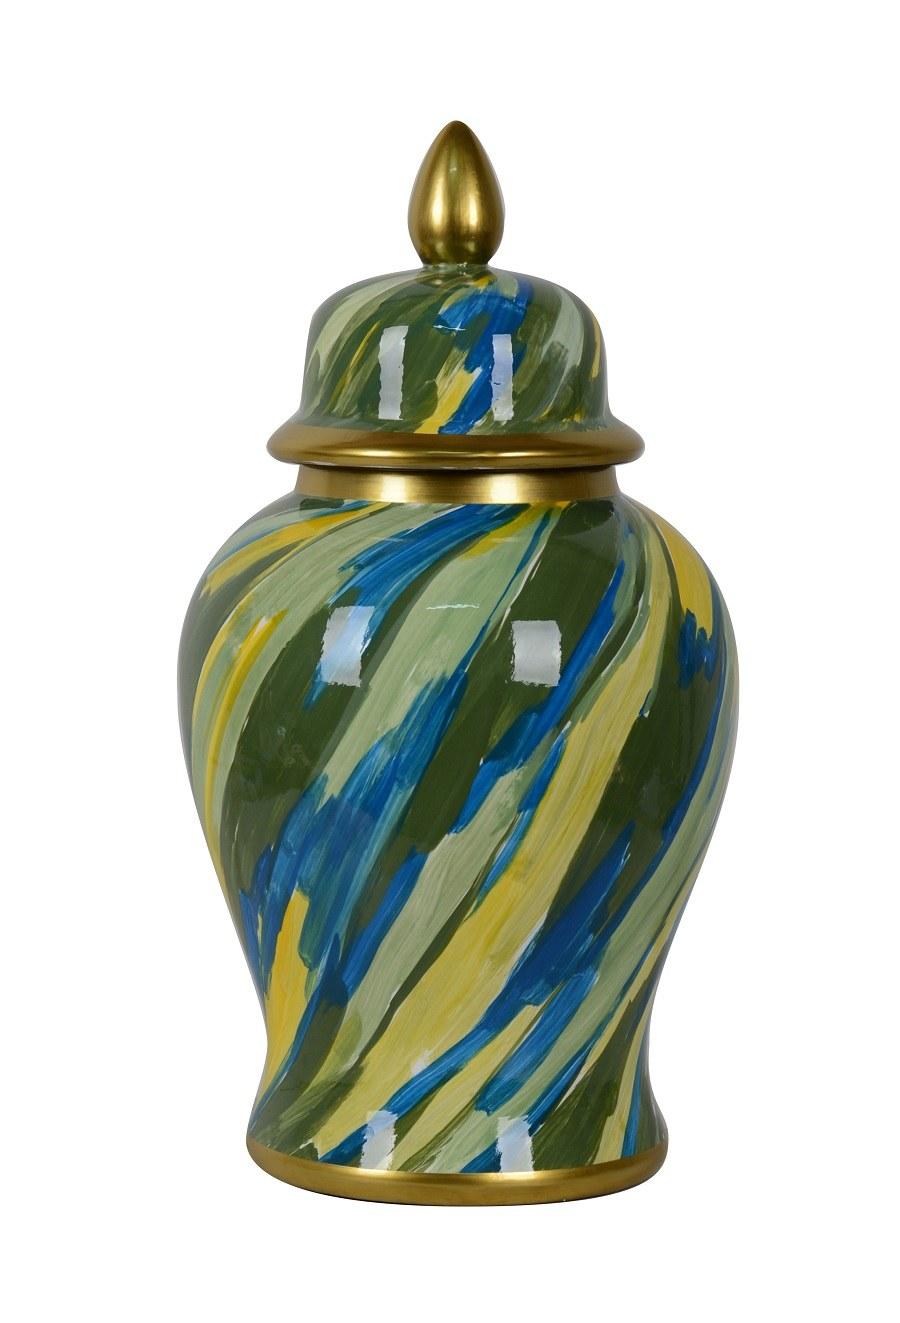 potiche porcelaine bleu:vert.